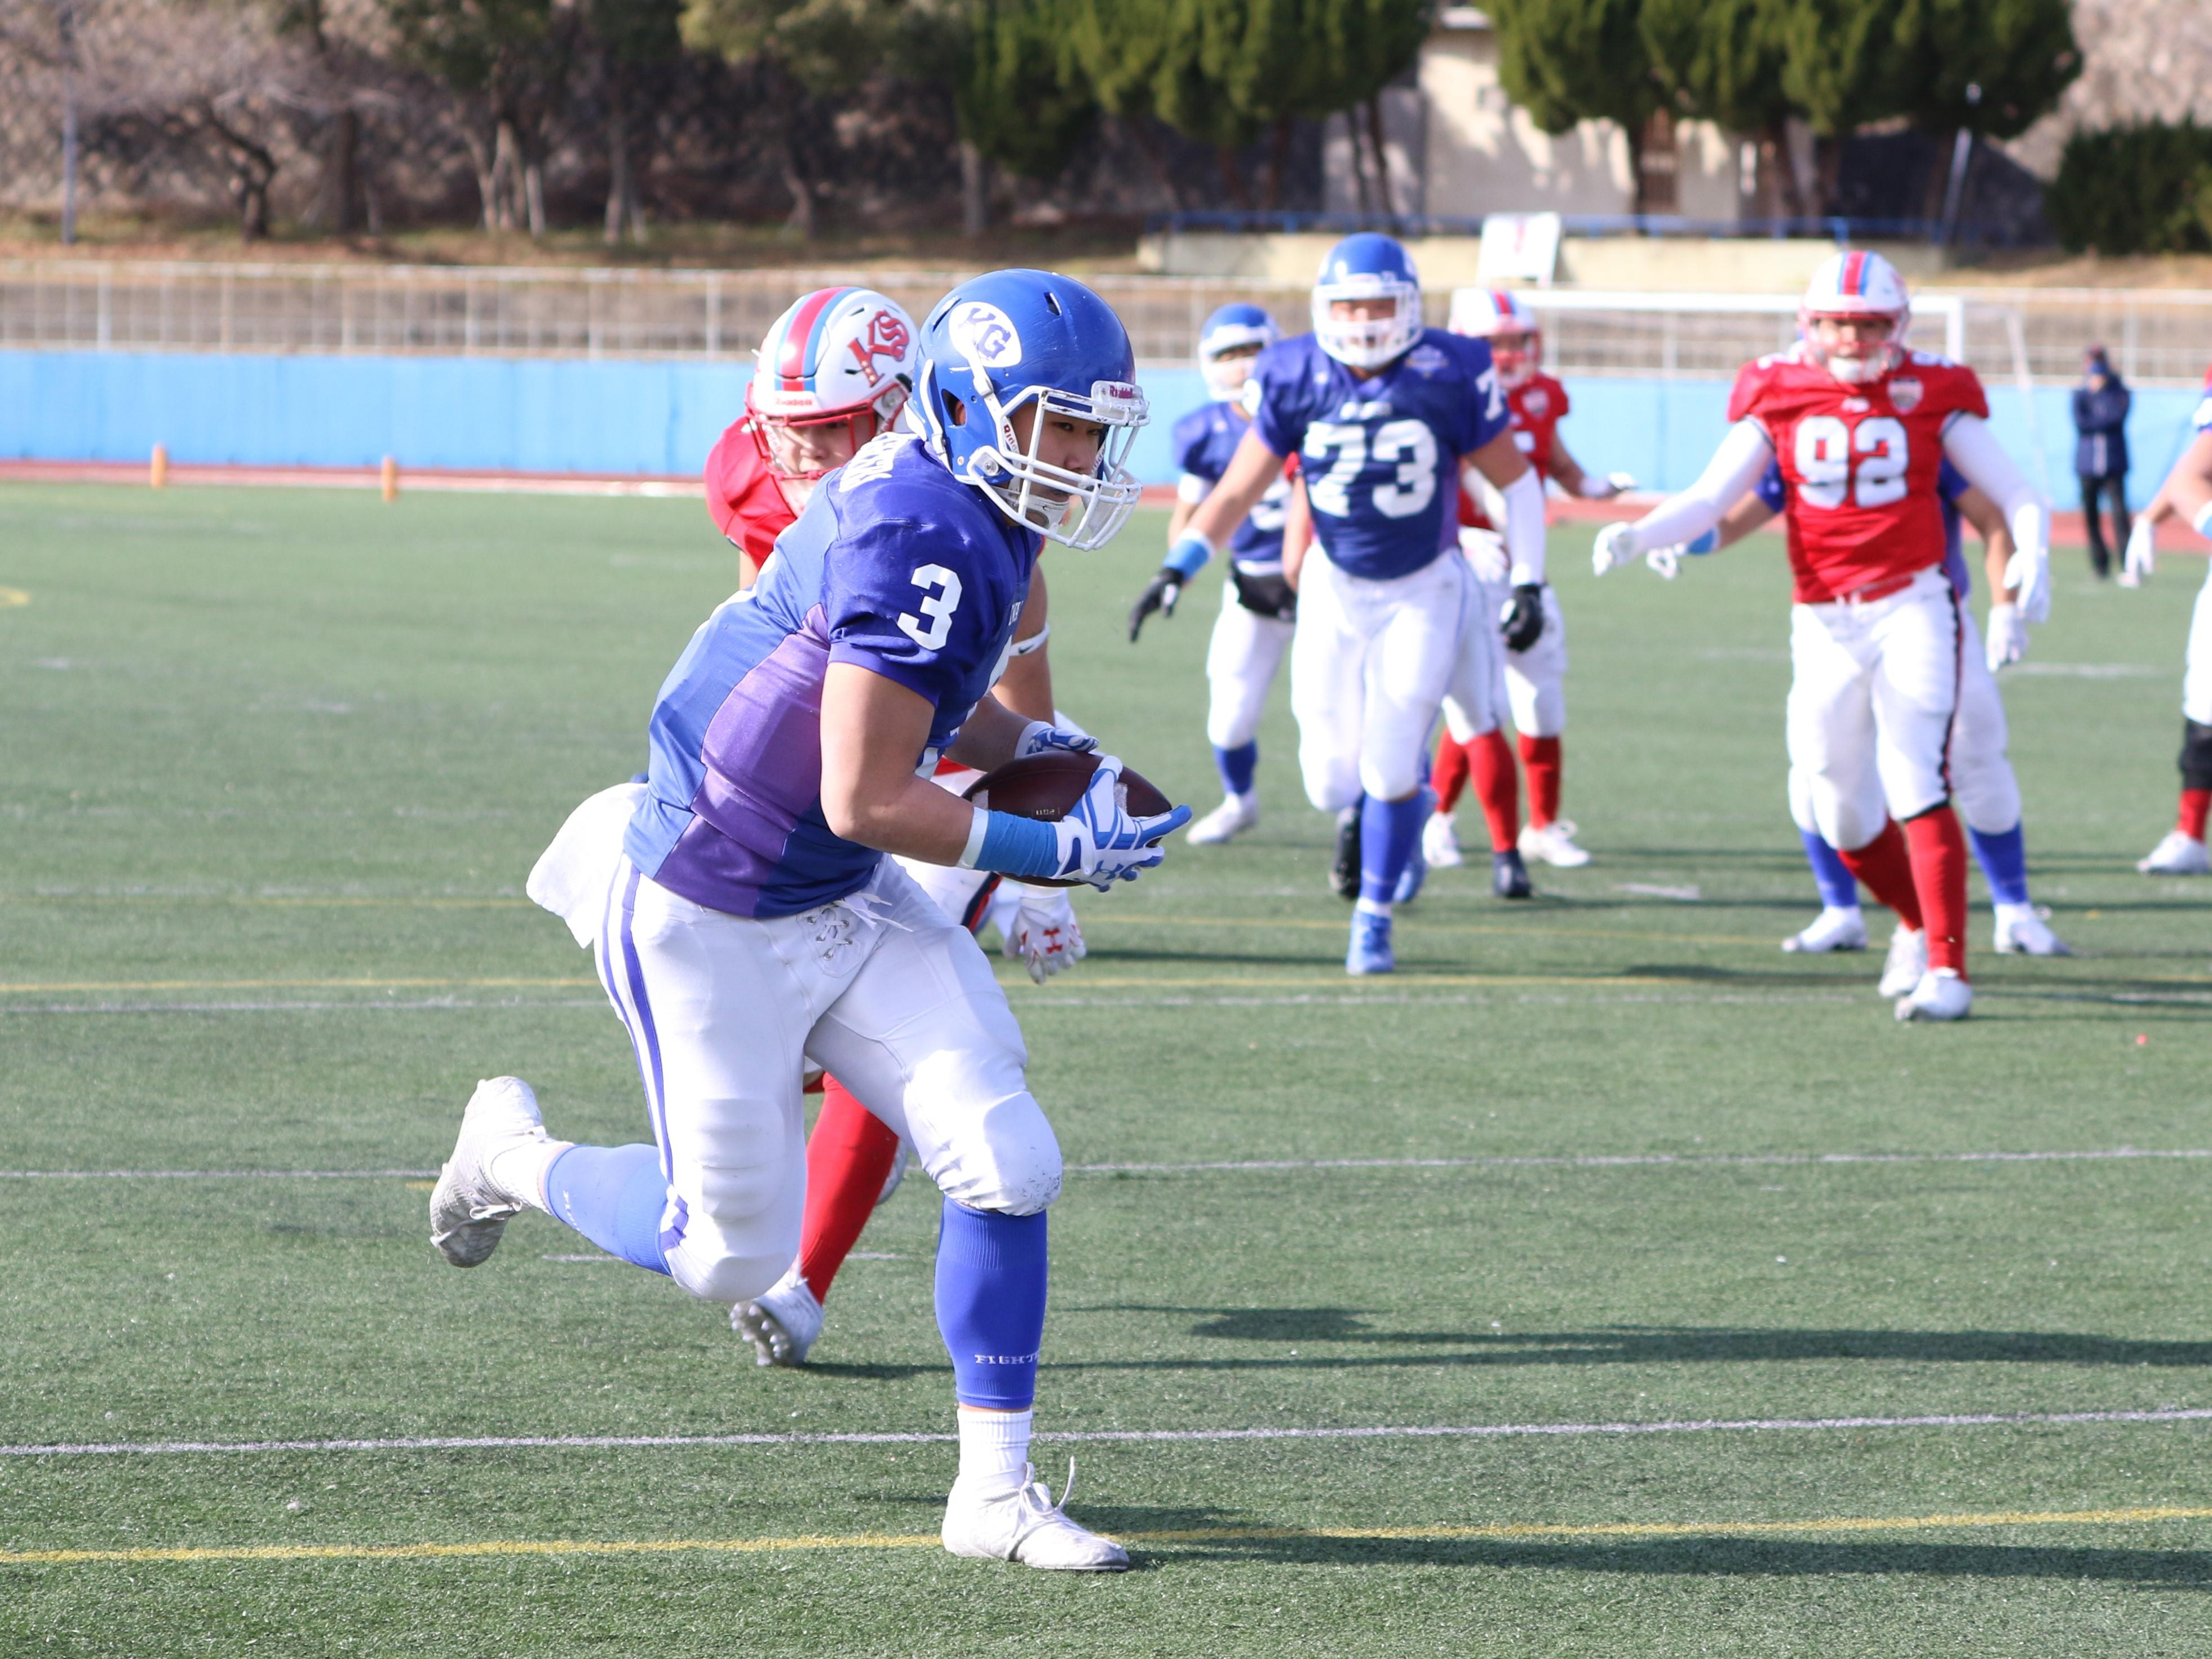 先制のTDパスをキャッチする関西学院のTE安藤柊太(3)=撮影:山口雅弘